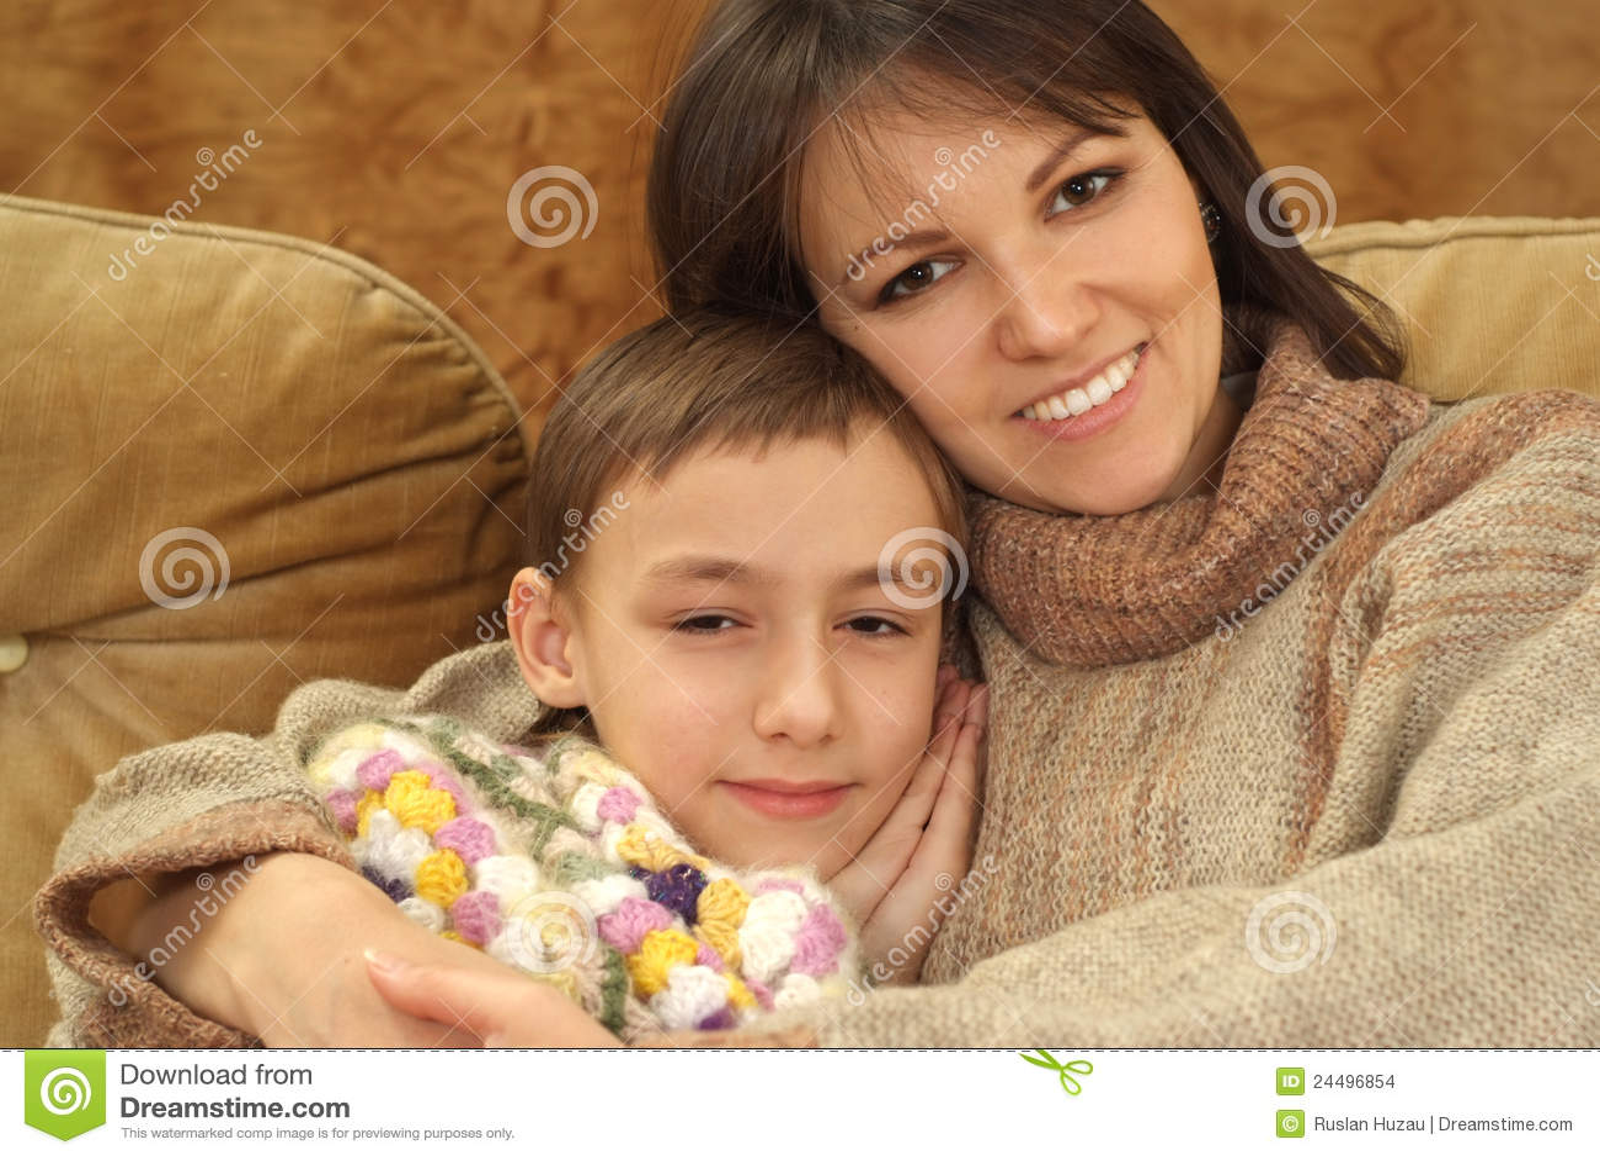 Секс мымы с сыном фото, Регулярный инцент матери и сына (28 фото) 24 фотография